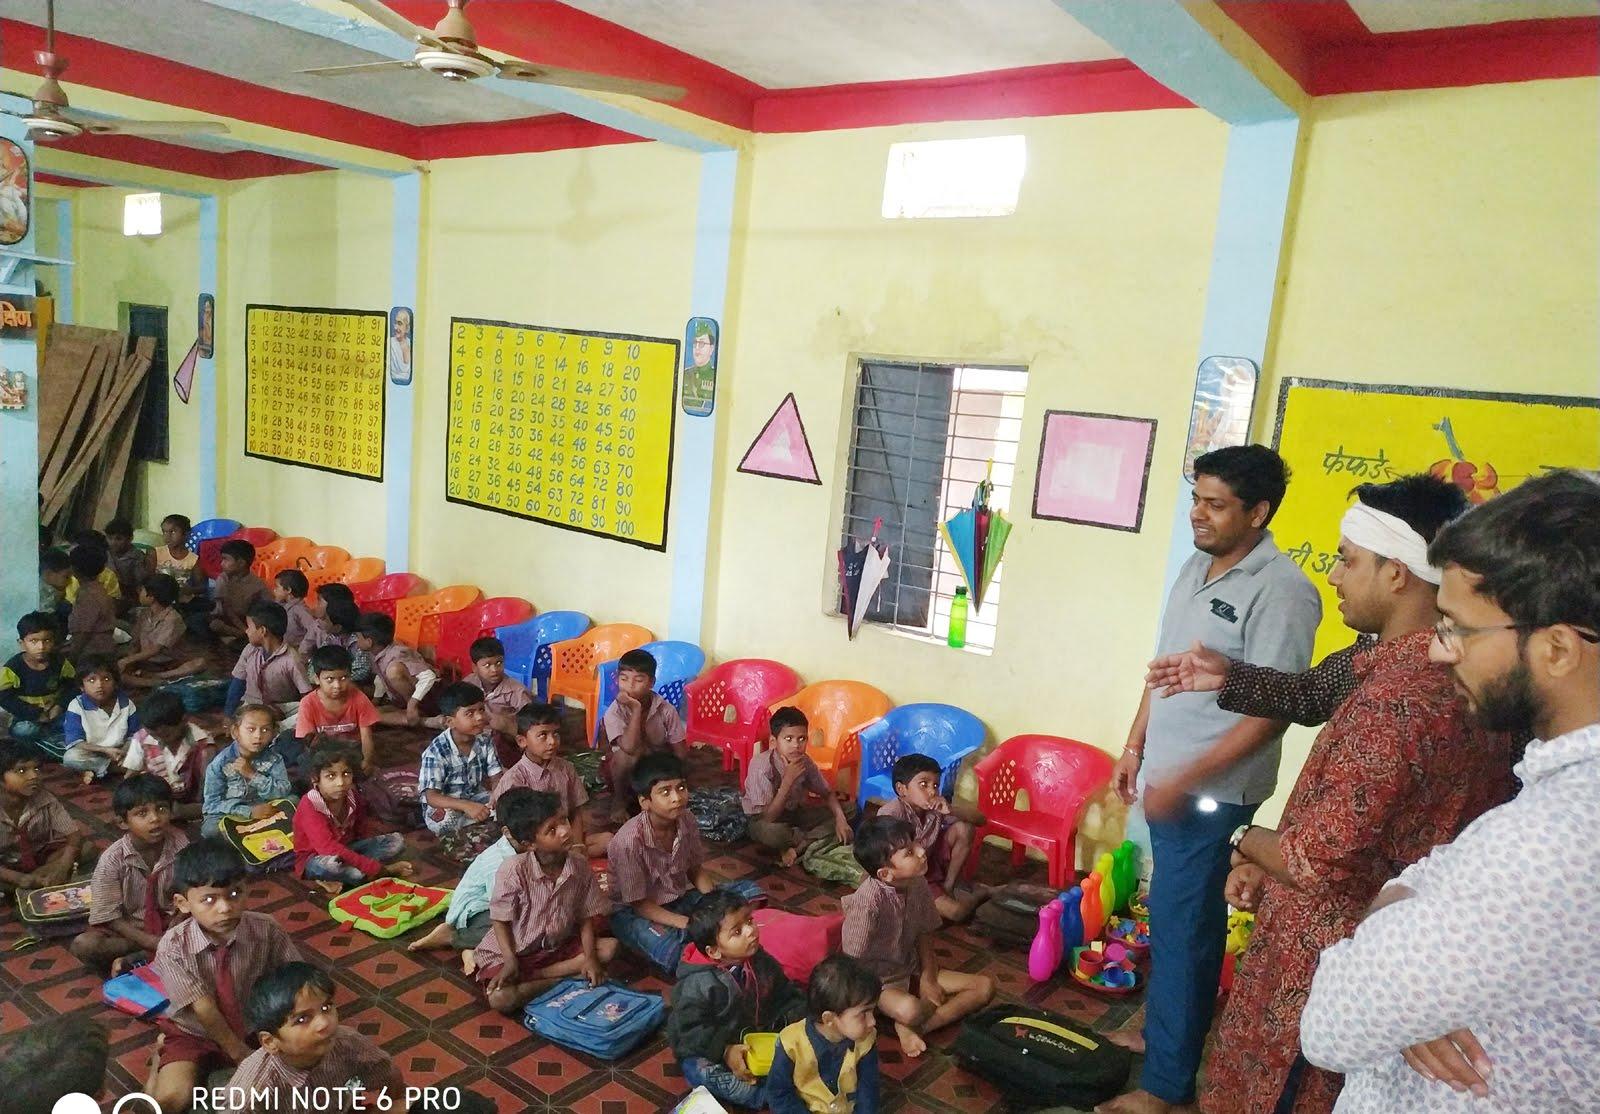 jhabua news- लाल बहादुर शास्त्री इंस्टीट्यूट मेनेजमेंट दिल्ली से छात्र-छात्राएं शिवगंगा के माध्यम से पहुंचे झाबुआ